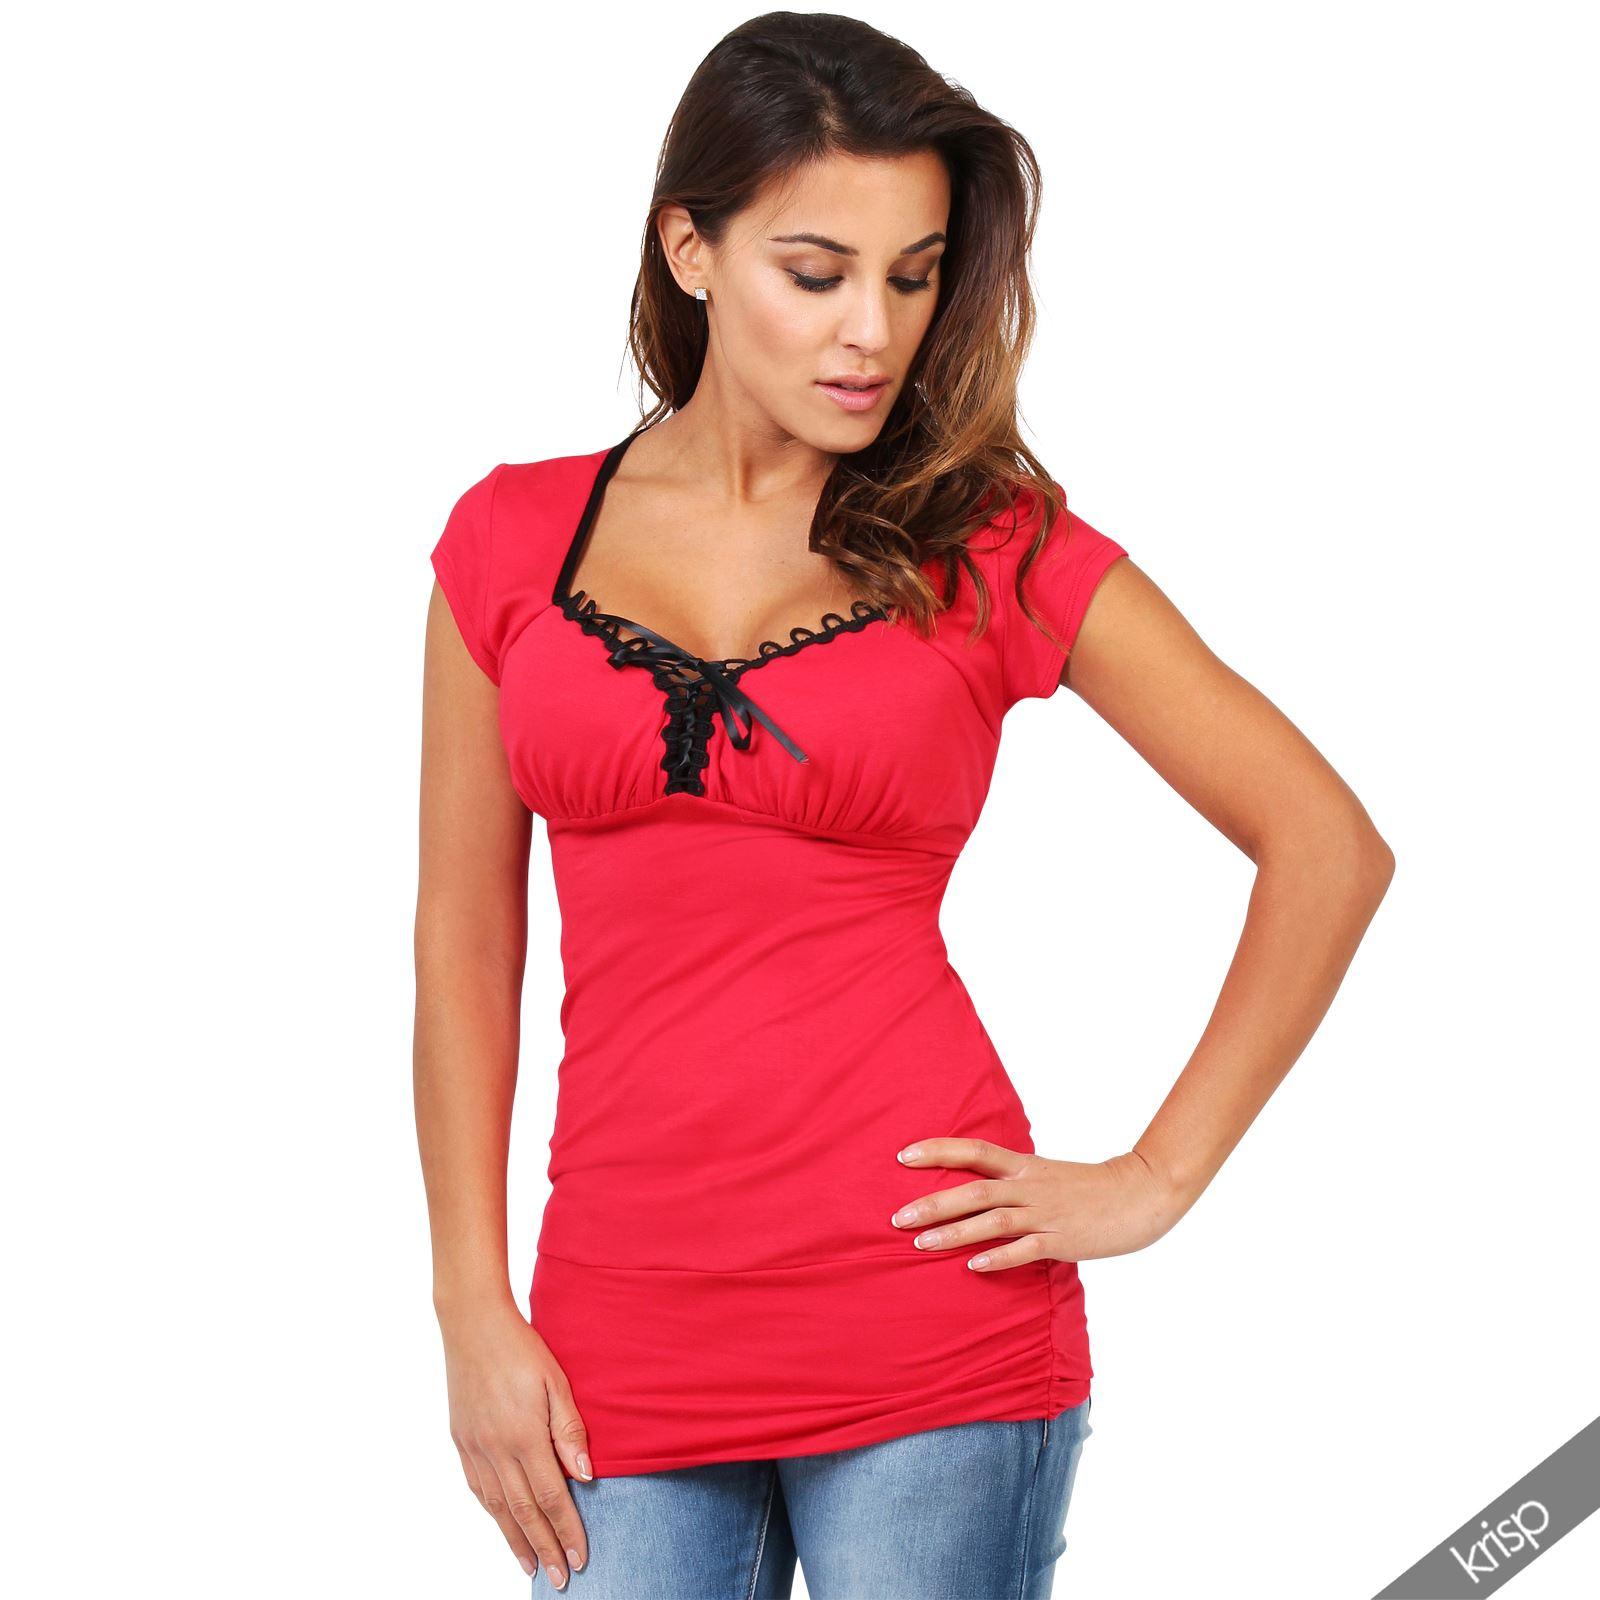 damen s es t shirt corsagen bluse langes shirt stretch. Black Bedroom Furniture Sets. Home Design Ideas